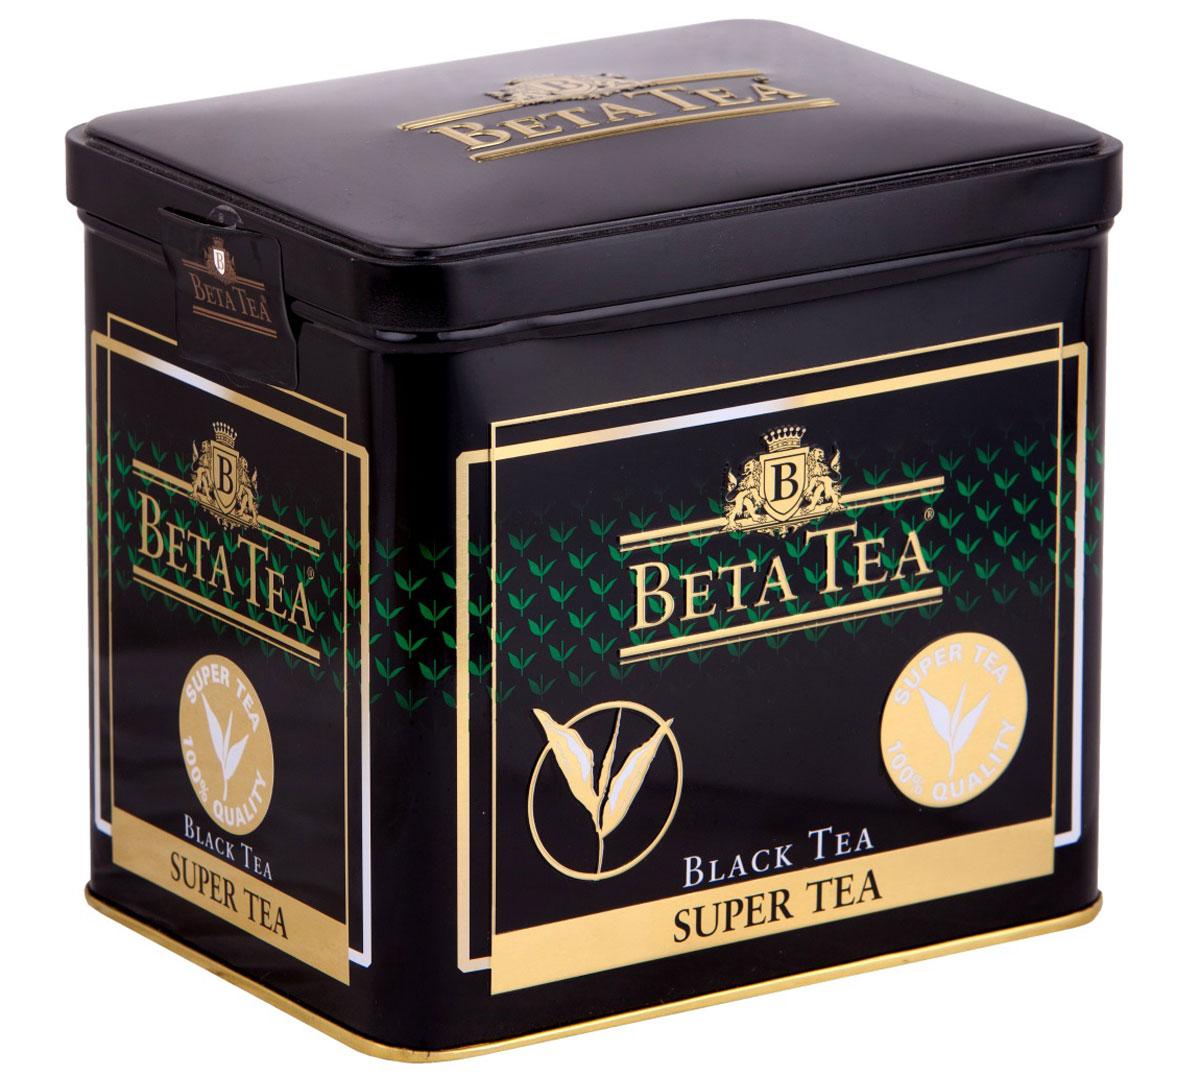 Beta Tea Super Tea черный листовой чай с бергамотом, 100 г8690717005249Мелколистовой чай Beta Tea Super Tea с лучших плантаций Цейлона подарит вам блаженство и умиротворение. Насладитесь крепостью и ароматом этого изящного сорта чая.